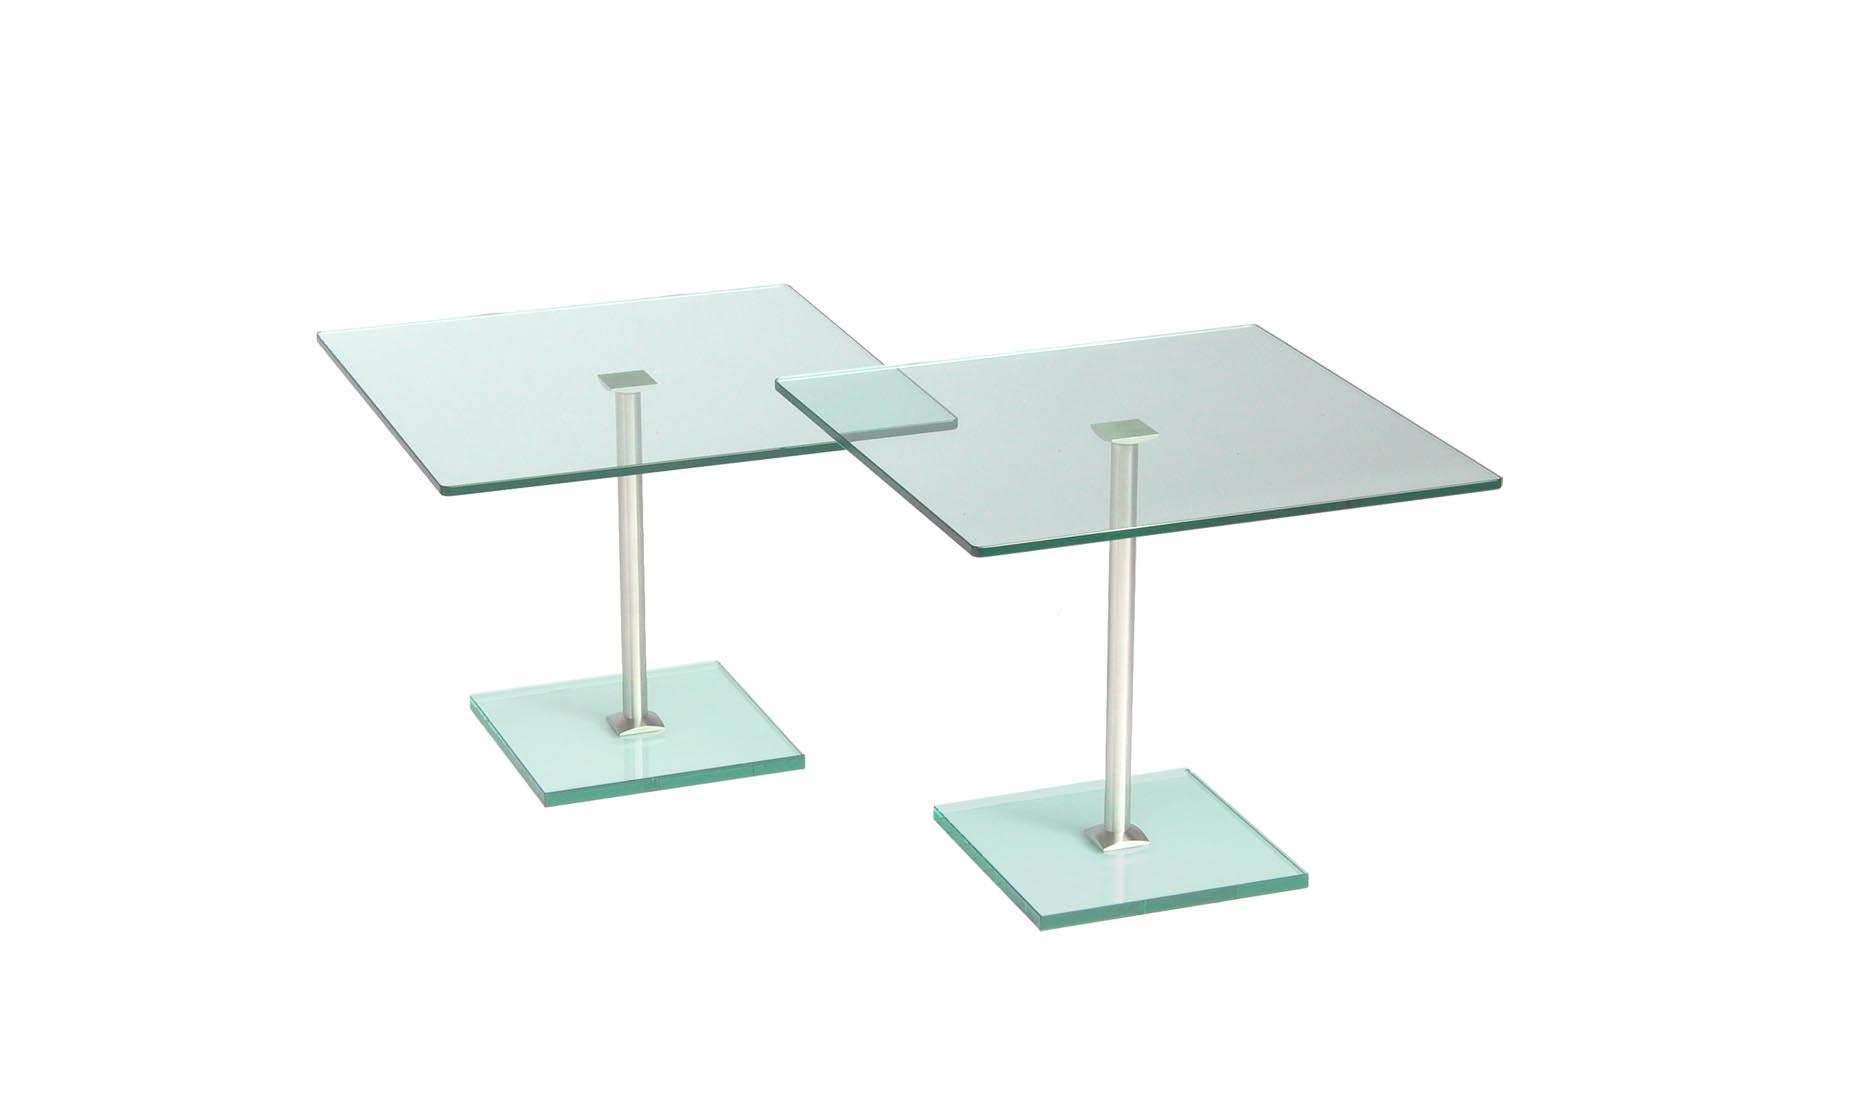 beistelltisch quadratisch glas nach ma centro boden q. Black Bedroom Furniture Sets. Home Design Ideas